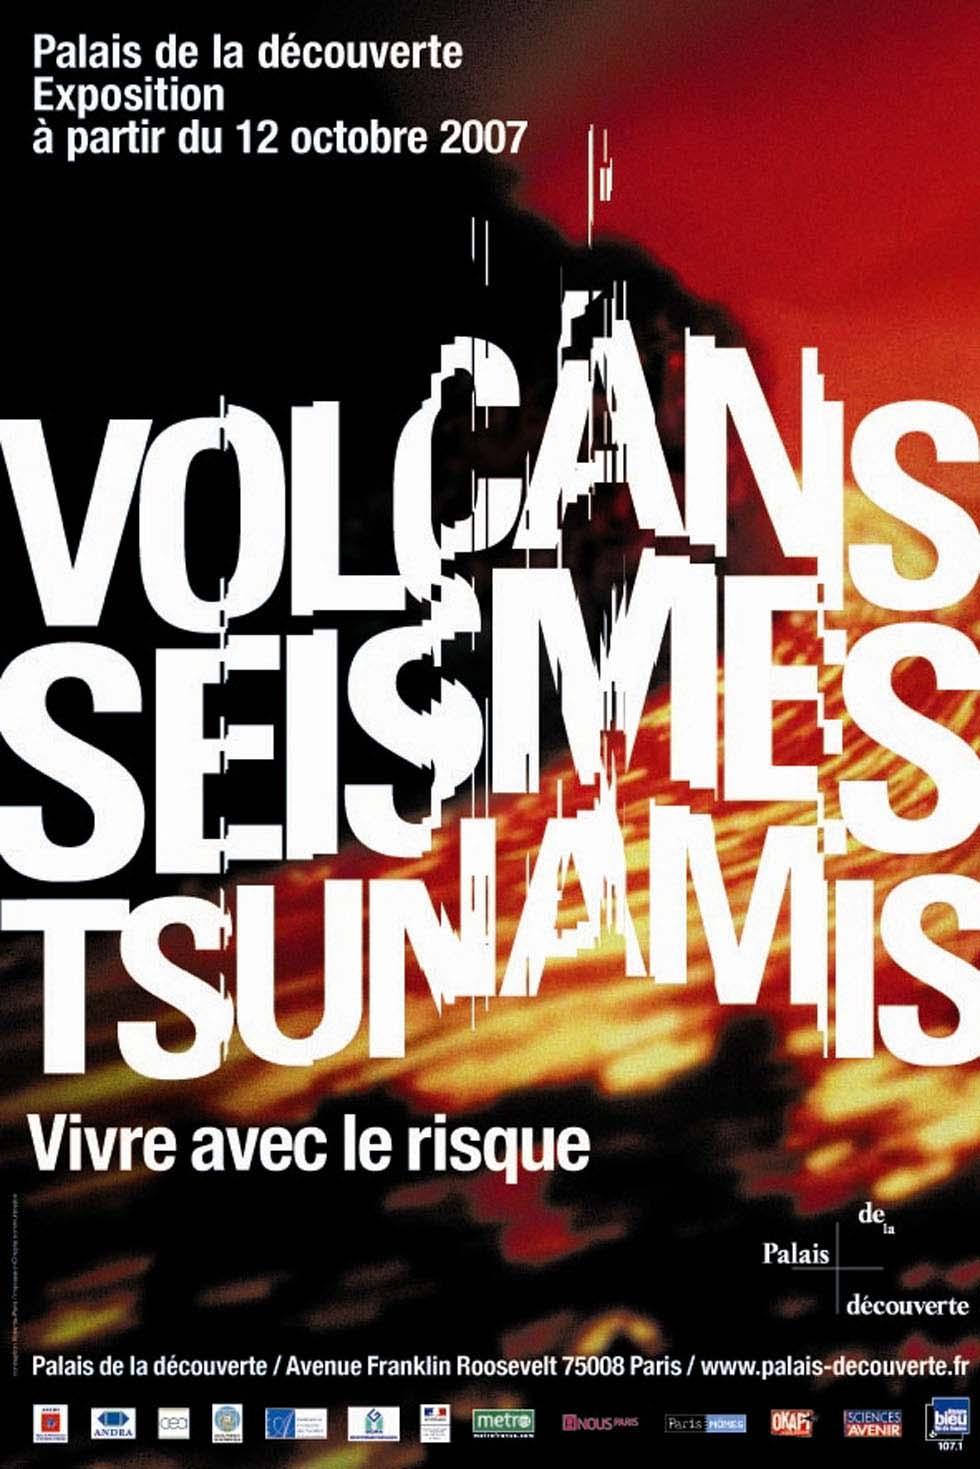 2007 : Volcans, séismes, tsunamis, vivre avec le risque(ouverture du diaporama)